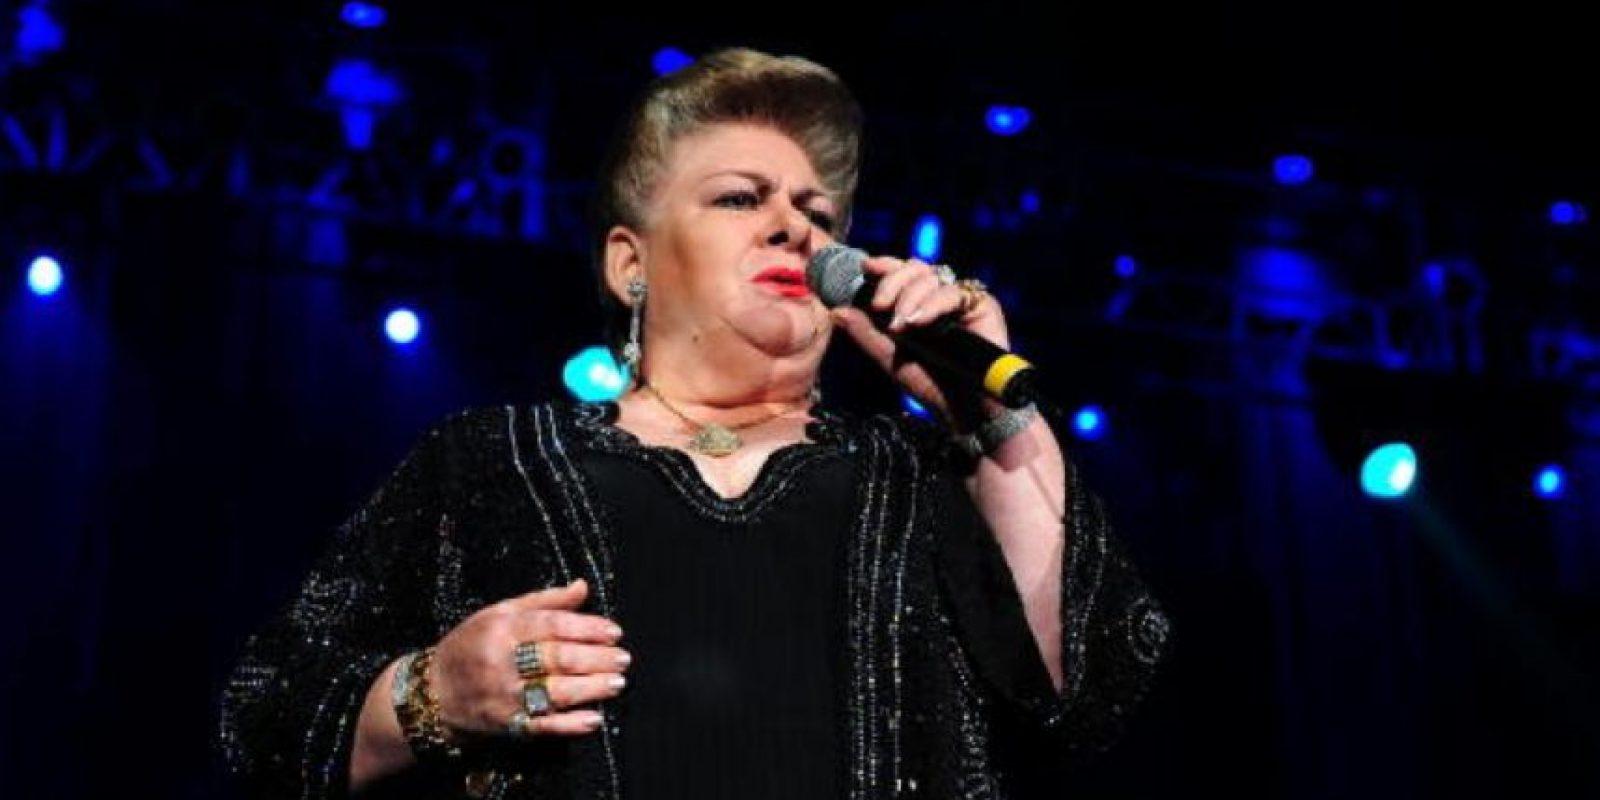 En 2011 estuvo nominada al Grammy Latino. Foto:vía Getty Images